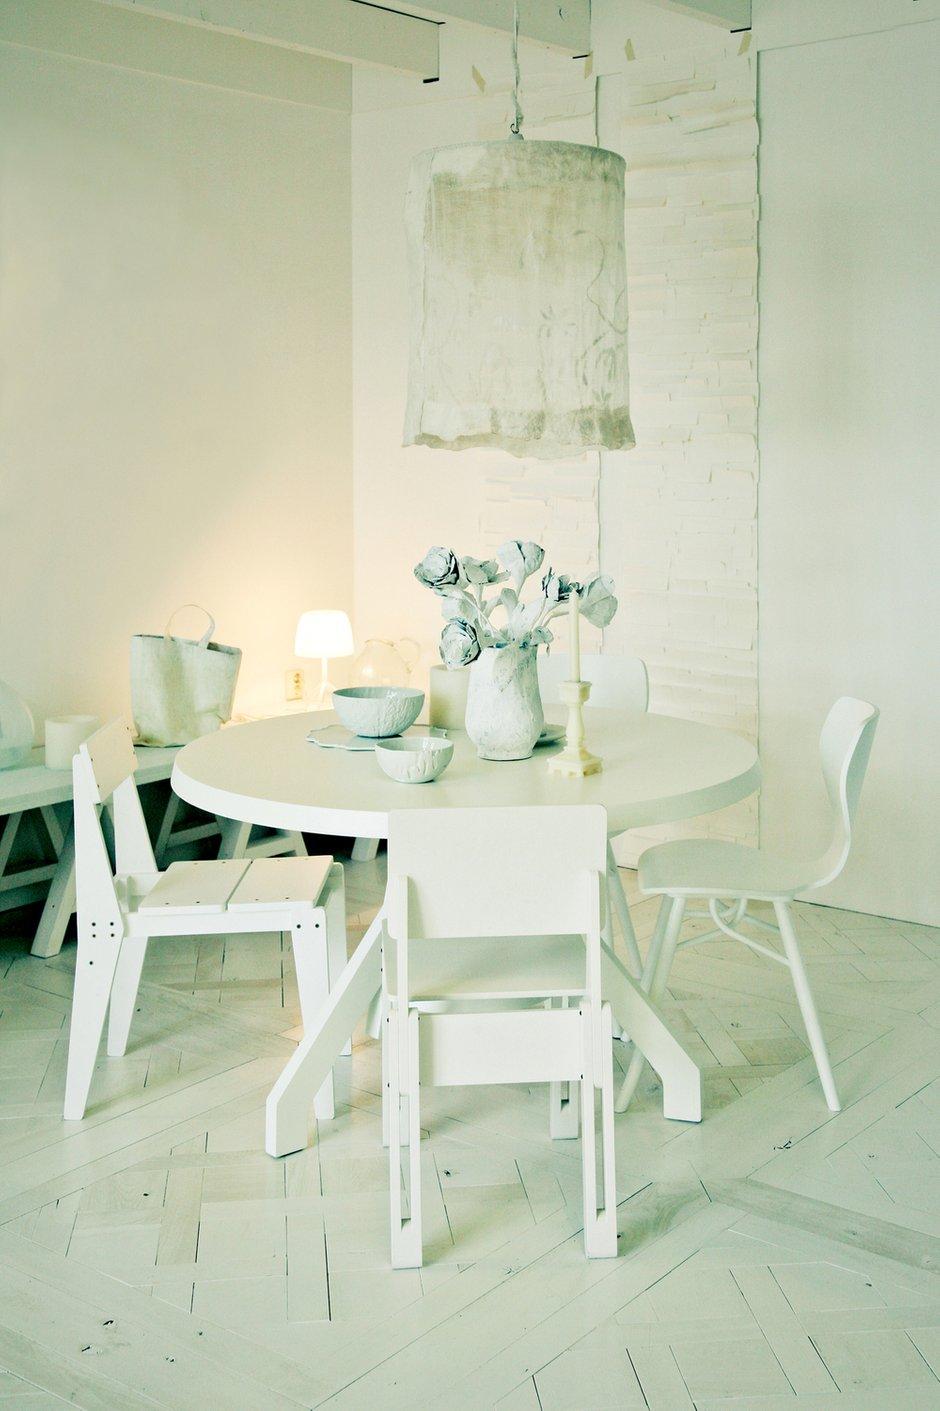 Фотография: Кухня и столовая в стиле Современный, Декор интерьера, Дом, Мебель и свет, Стол, Винтаж – фото на INMYROOM